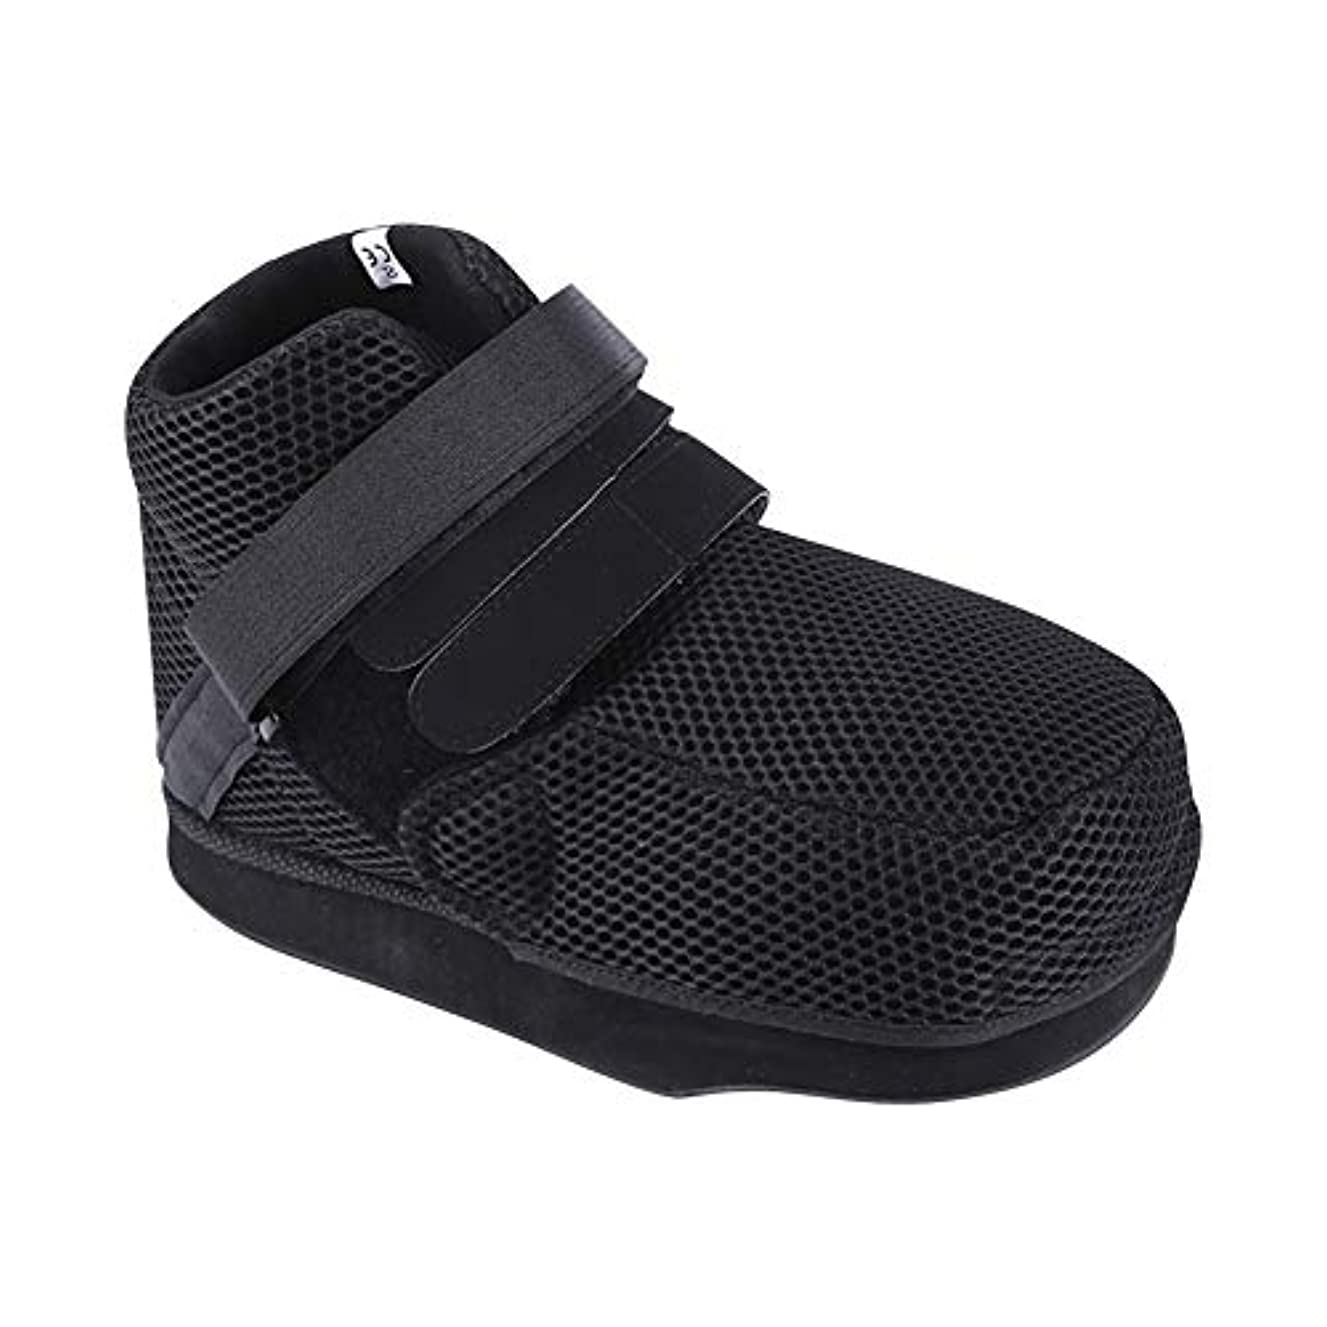 スリップ同意する容疑者uirendjsf 前足減圧靴 - ポストプラスター靴 調節可能なストラップ 足の骨折足骨折患者用